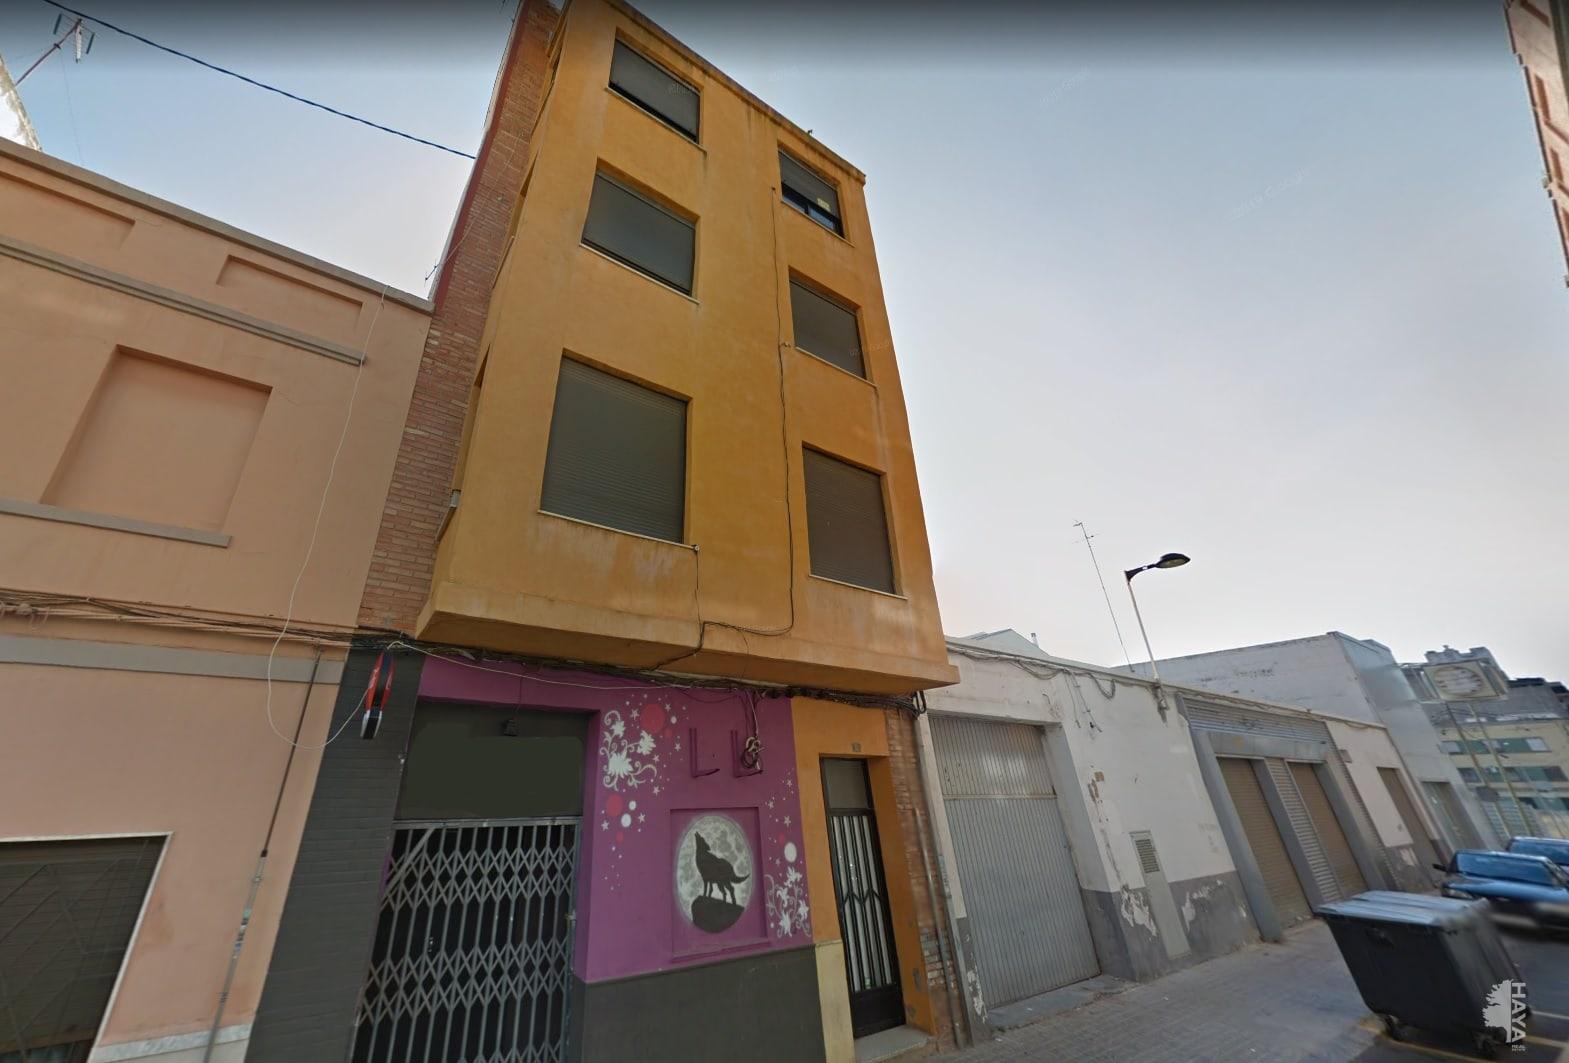 Piso en venta en Virgen de Gracia, Vila-real, Castellón, Calle Santa Catalina, 47.700 €, 3 habitaciones, 1 baño, 107 m2